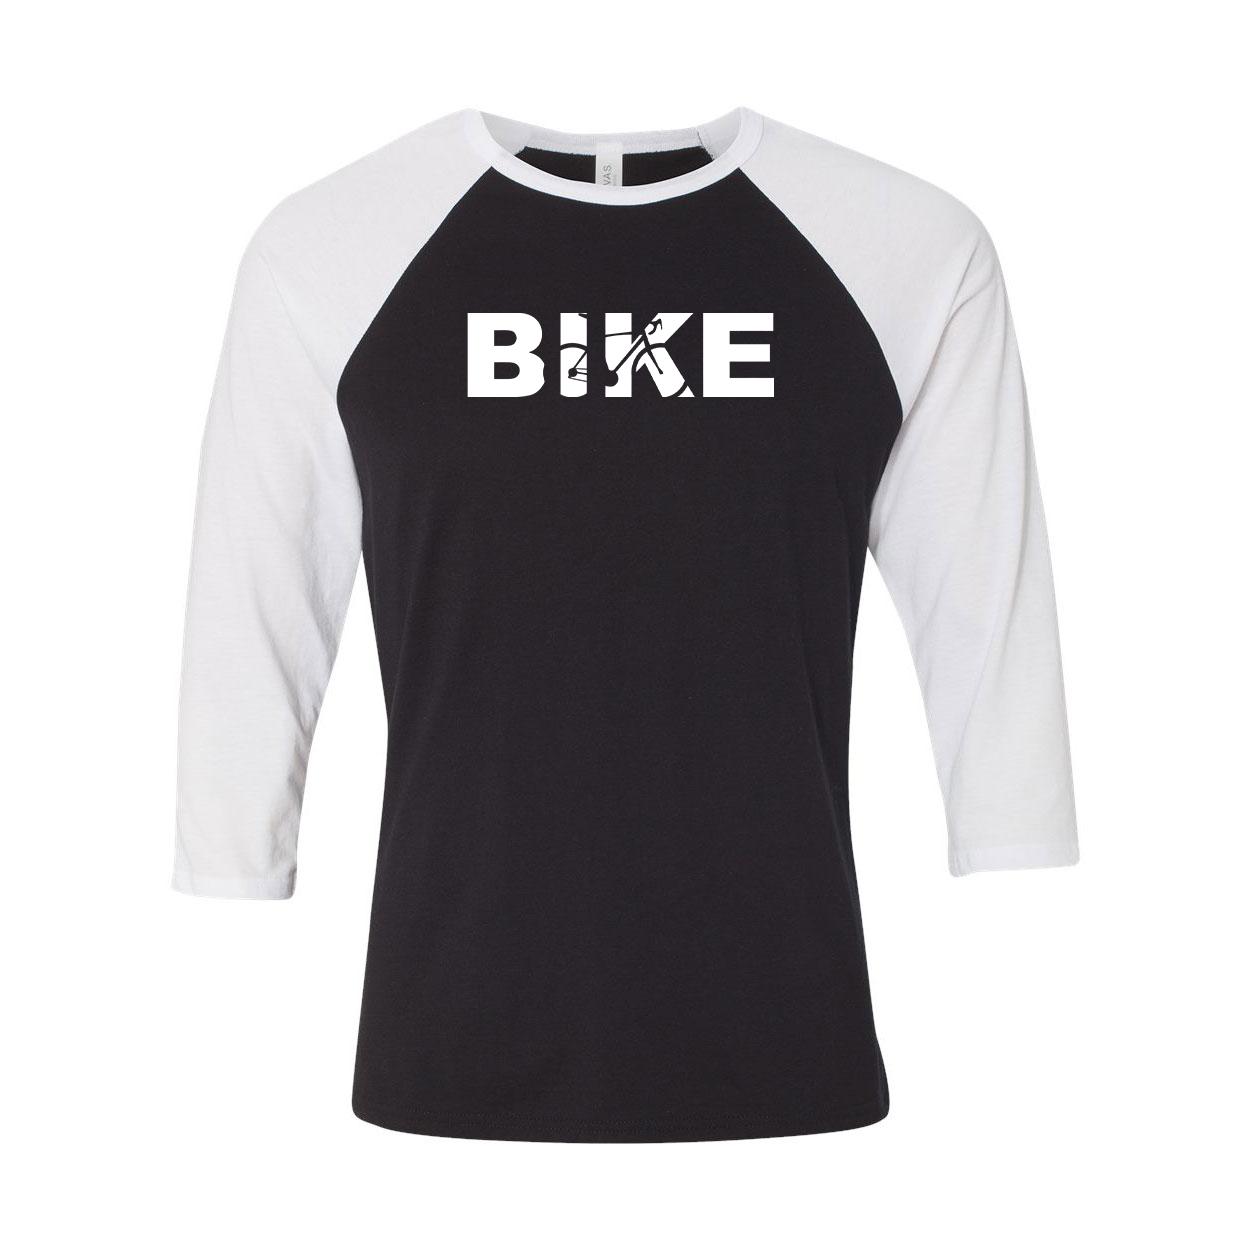 Bike Cycling Logo Classic Raglan Shirt Black/White (White Logo)